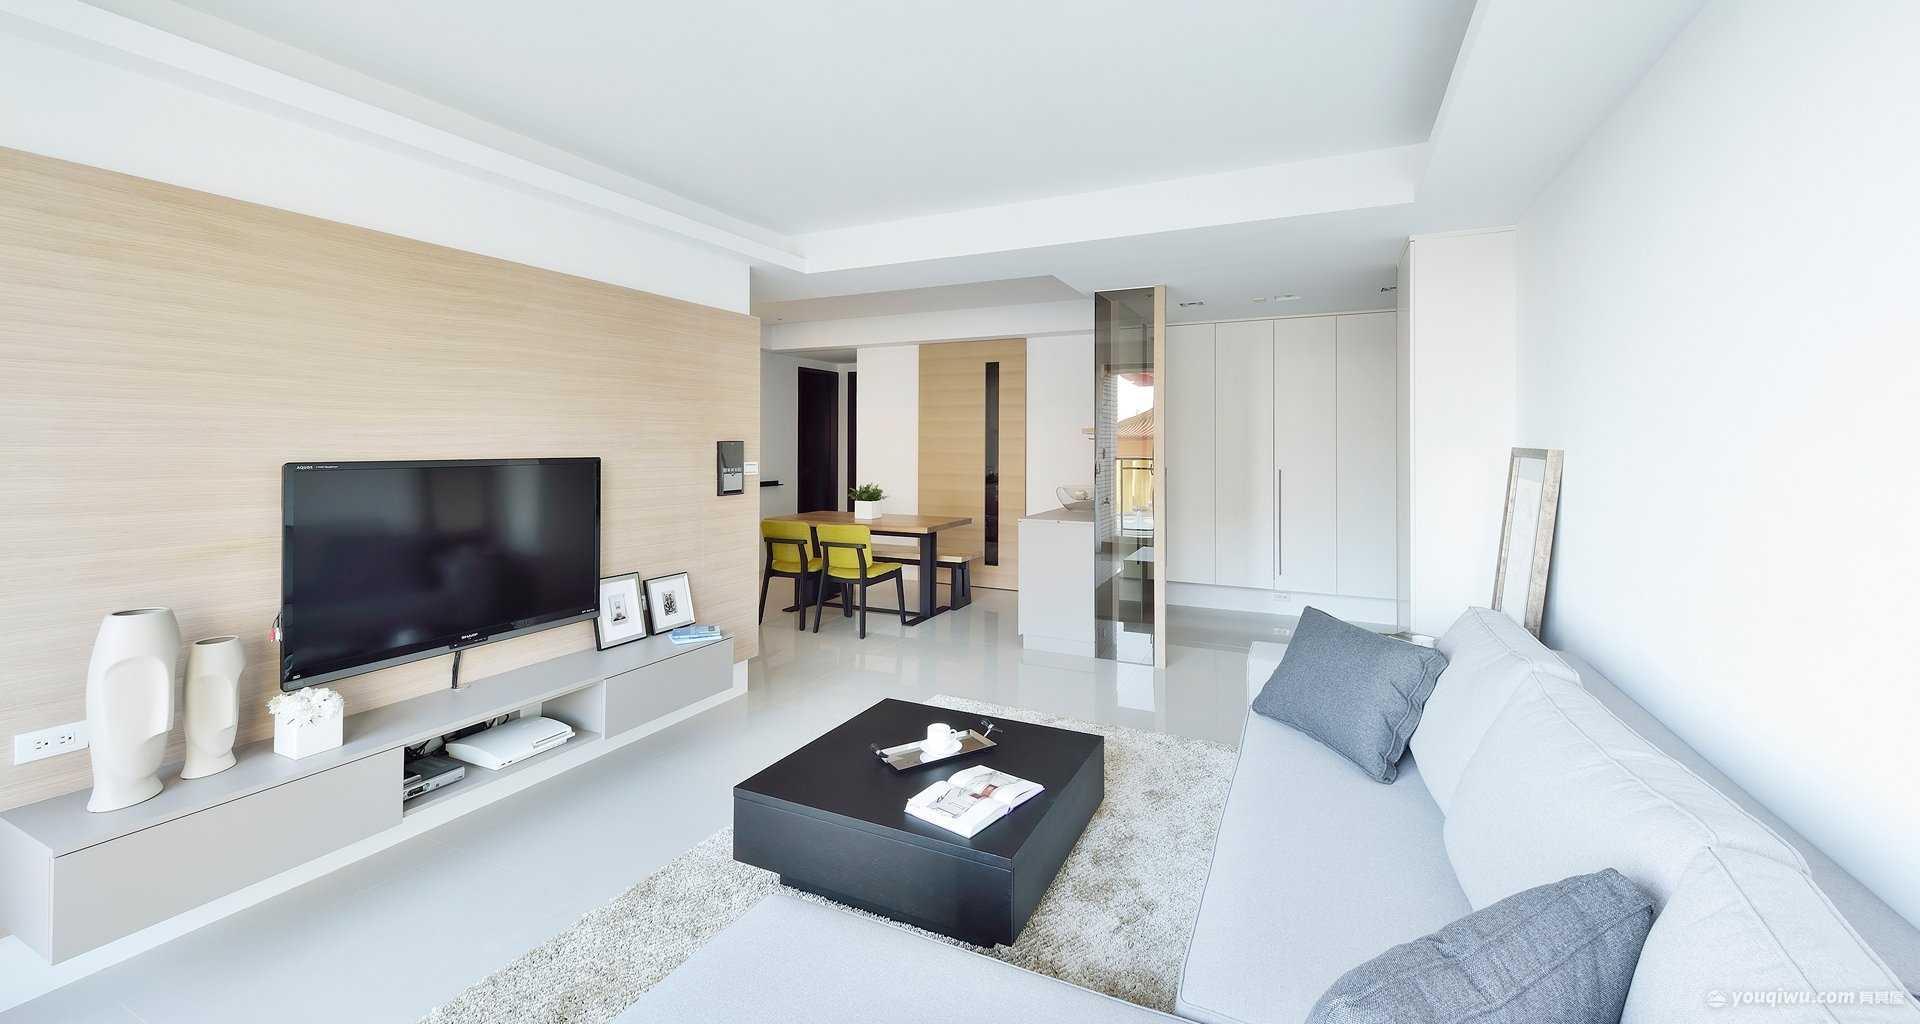 和昌湾景国际66平两居室简约风格装修效果图